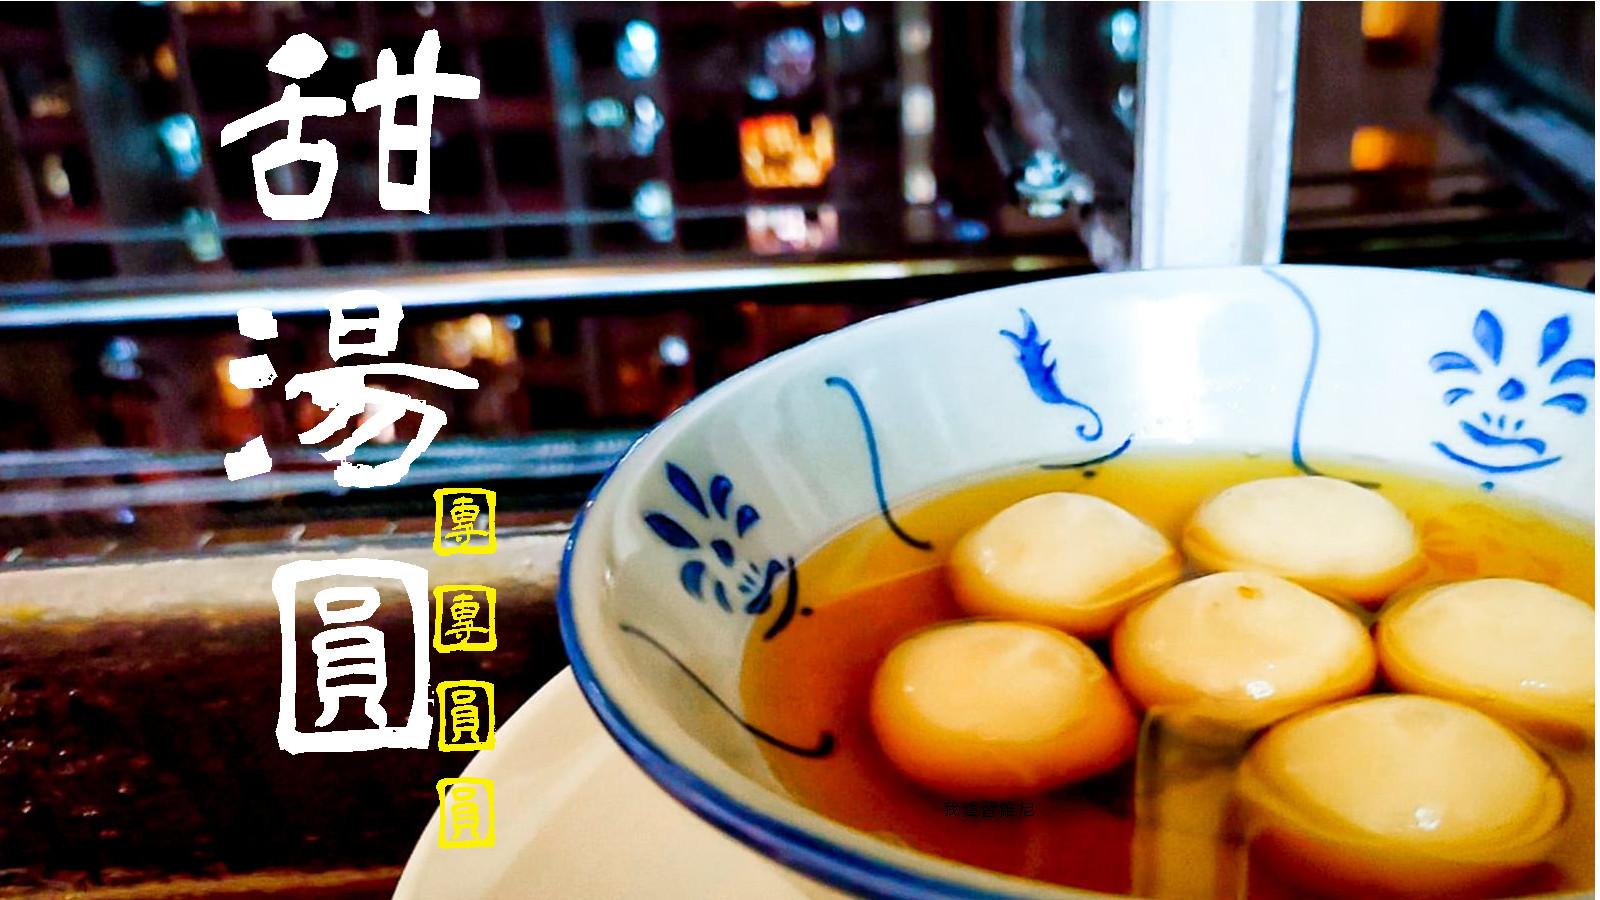 古法甜湯丸 蔗糖芝麻醬 仿金莎 附影片